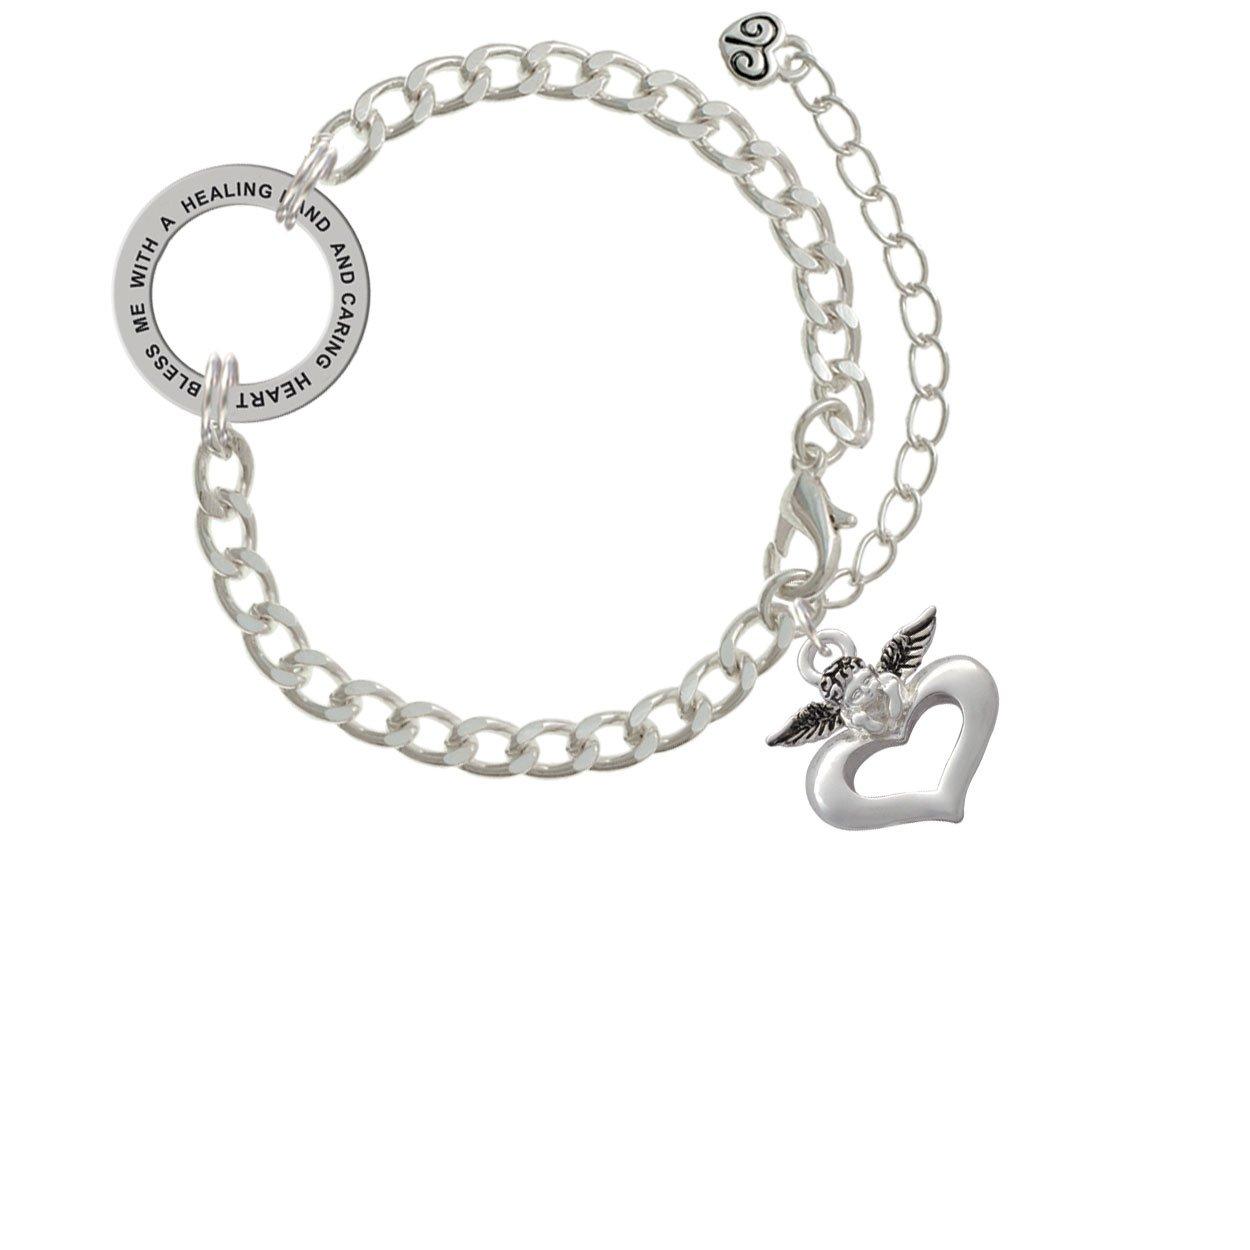 Guardian Angel over Heart Healing Hand Affirmation Link Bracelet